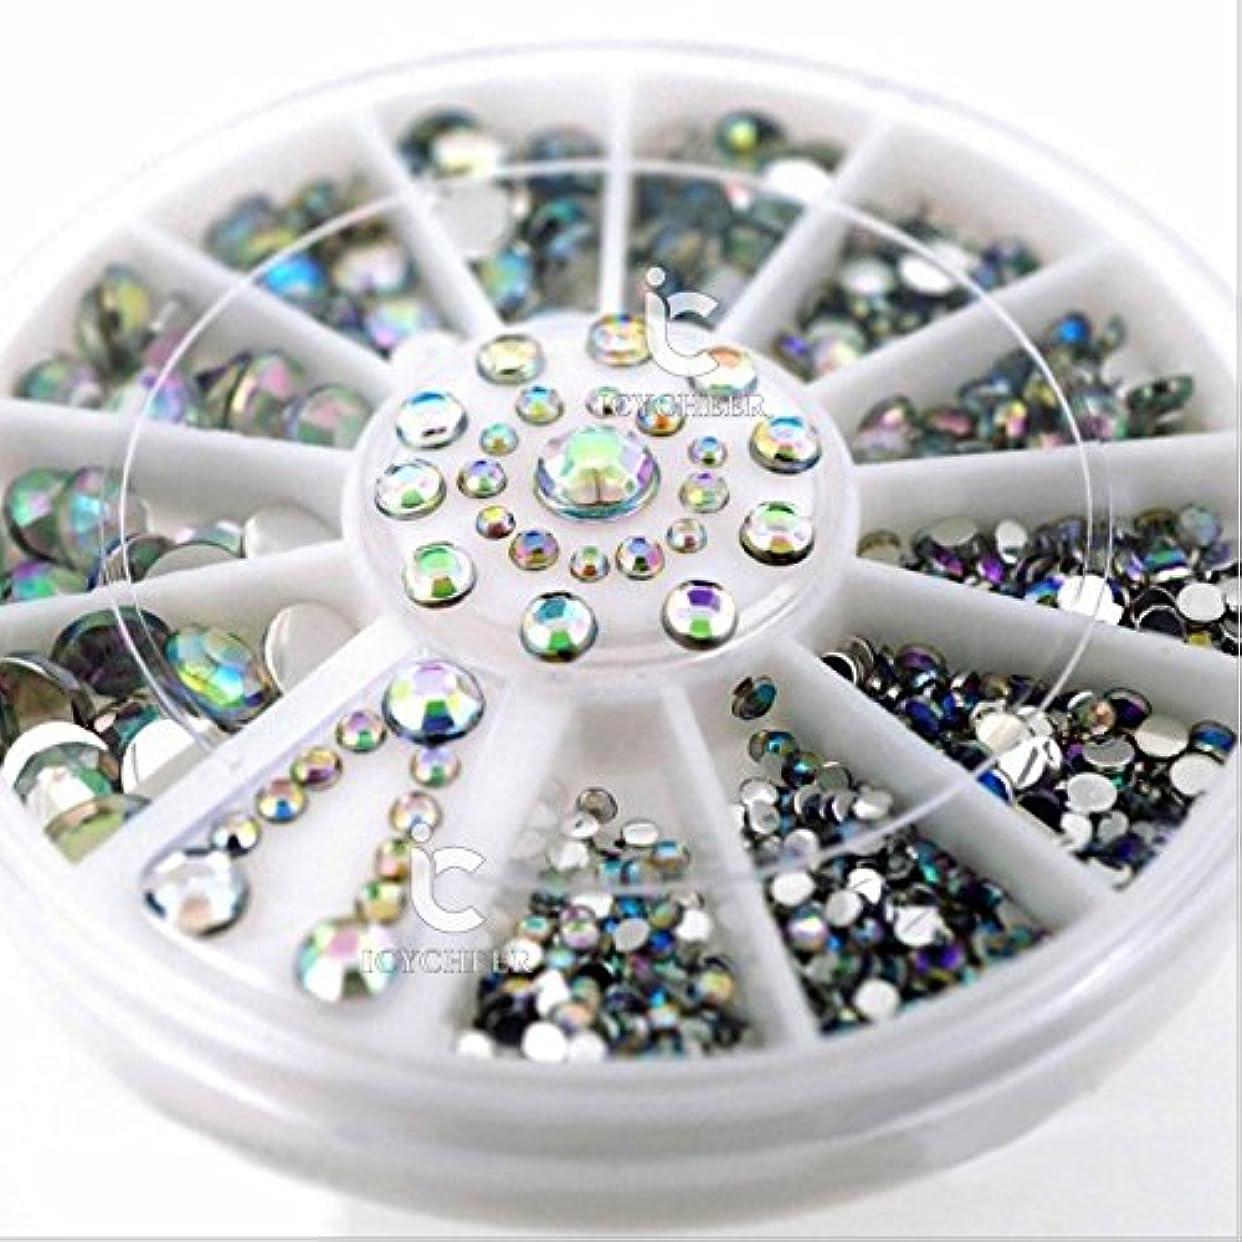 風邪をひくレッスンエンドテーブルICYCHEERミックスサイズ3DネイルABラインストーンの宝石クリスタル3Dネイルアートデコレーションホイールマニキュア